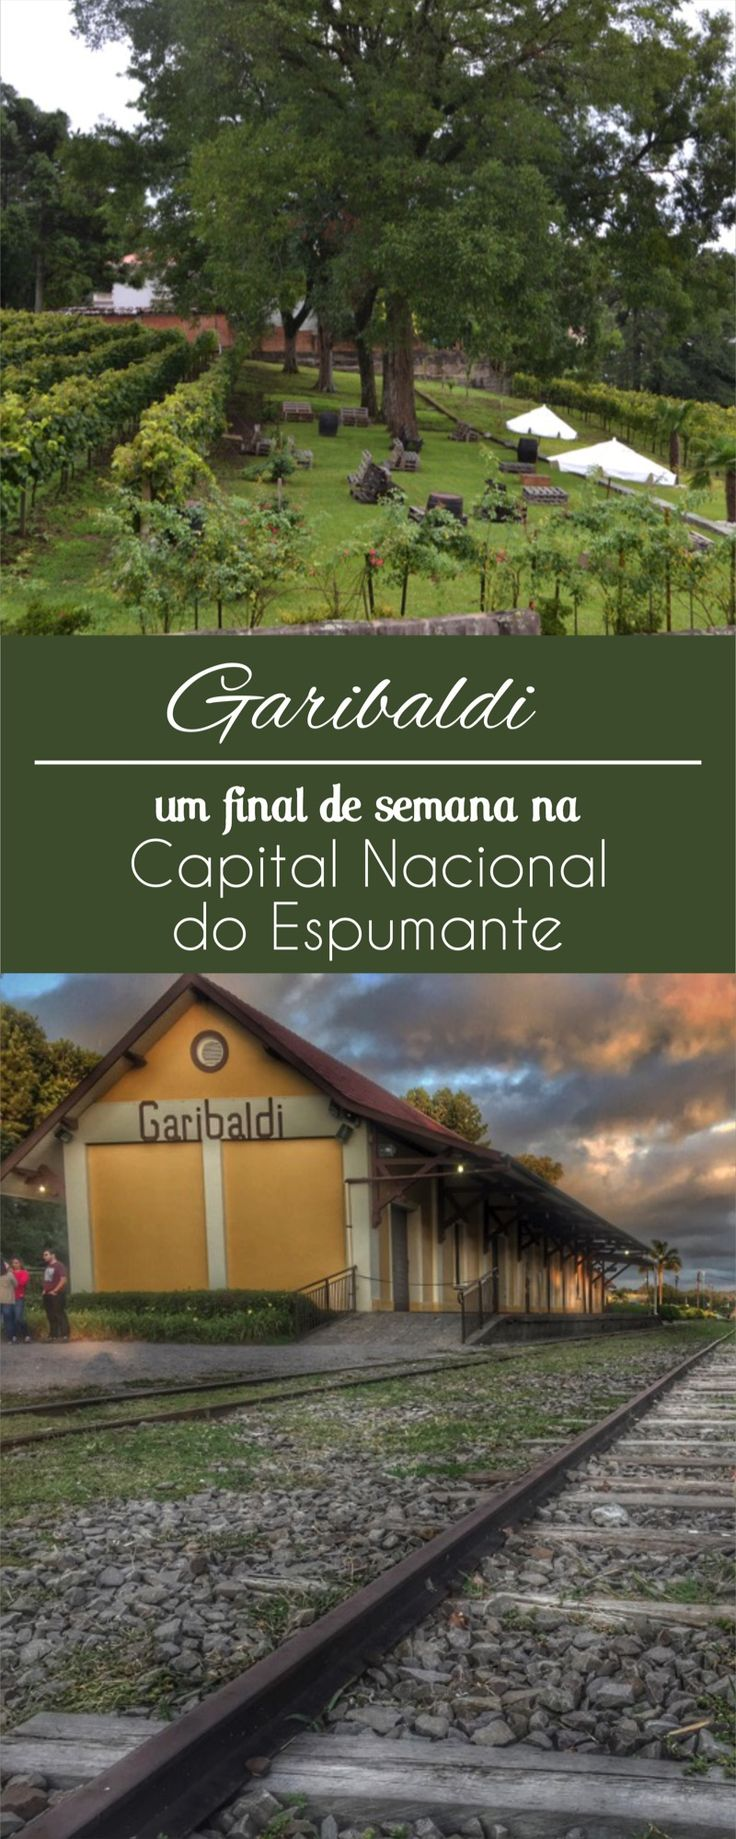 Roteiro em Garibaldi, Capital Nacional do espumante, na Serra Gaúcha